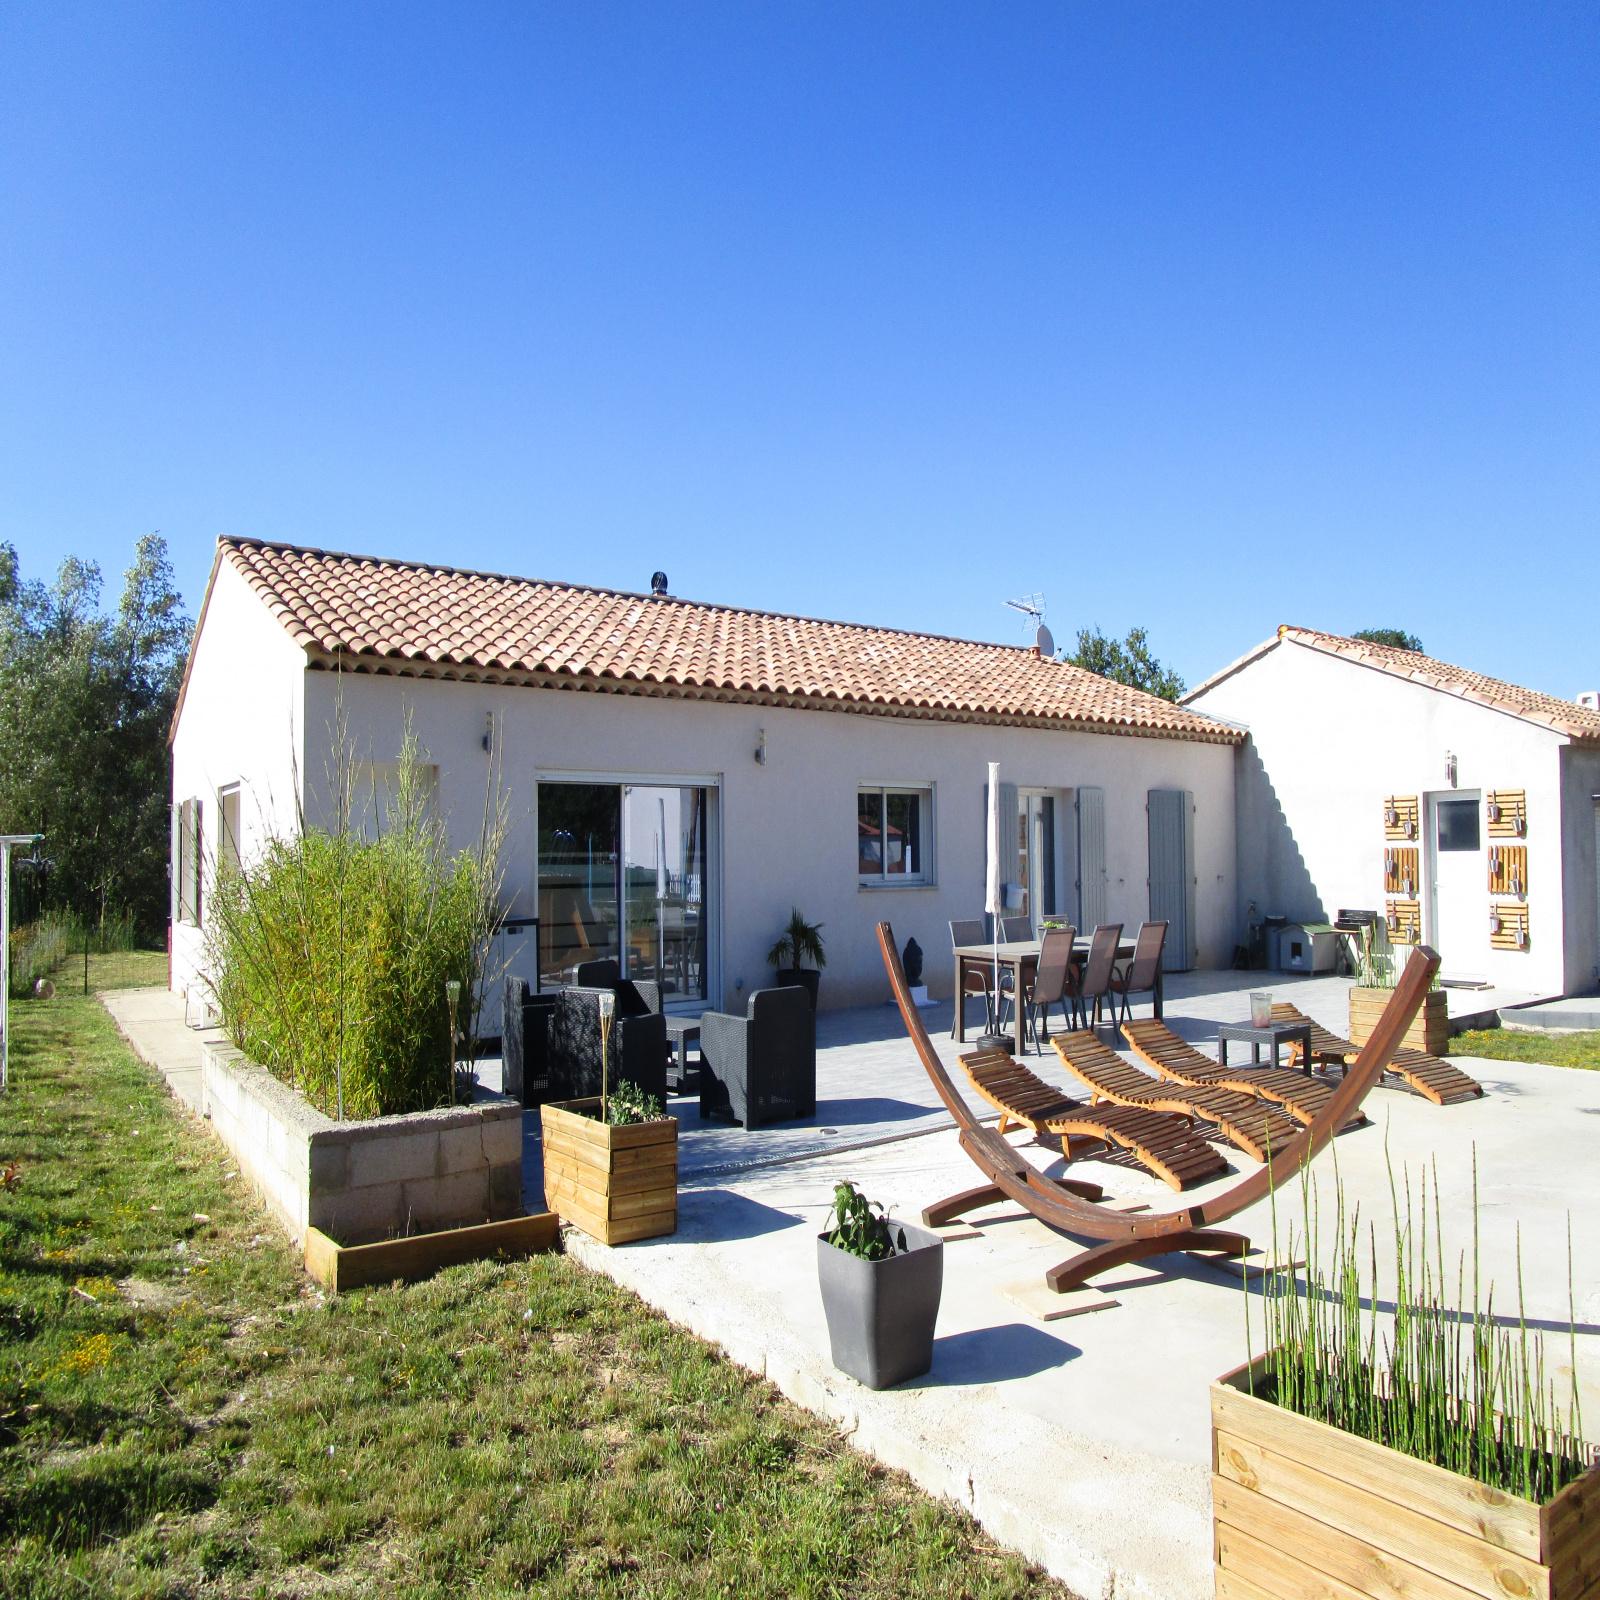 Vente Villa 123 M2 Sur Une Parcelle De 1214 M2